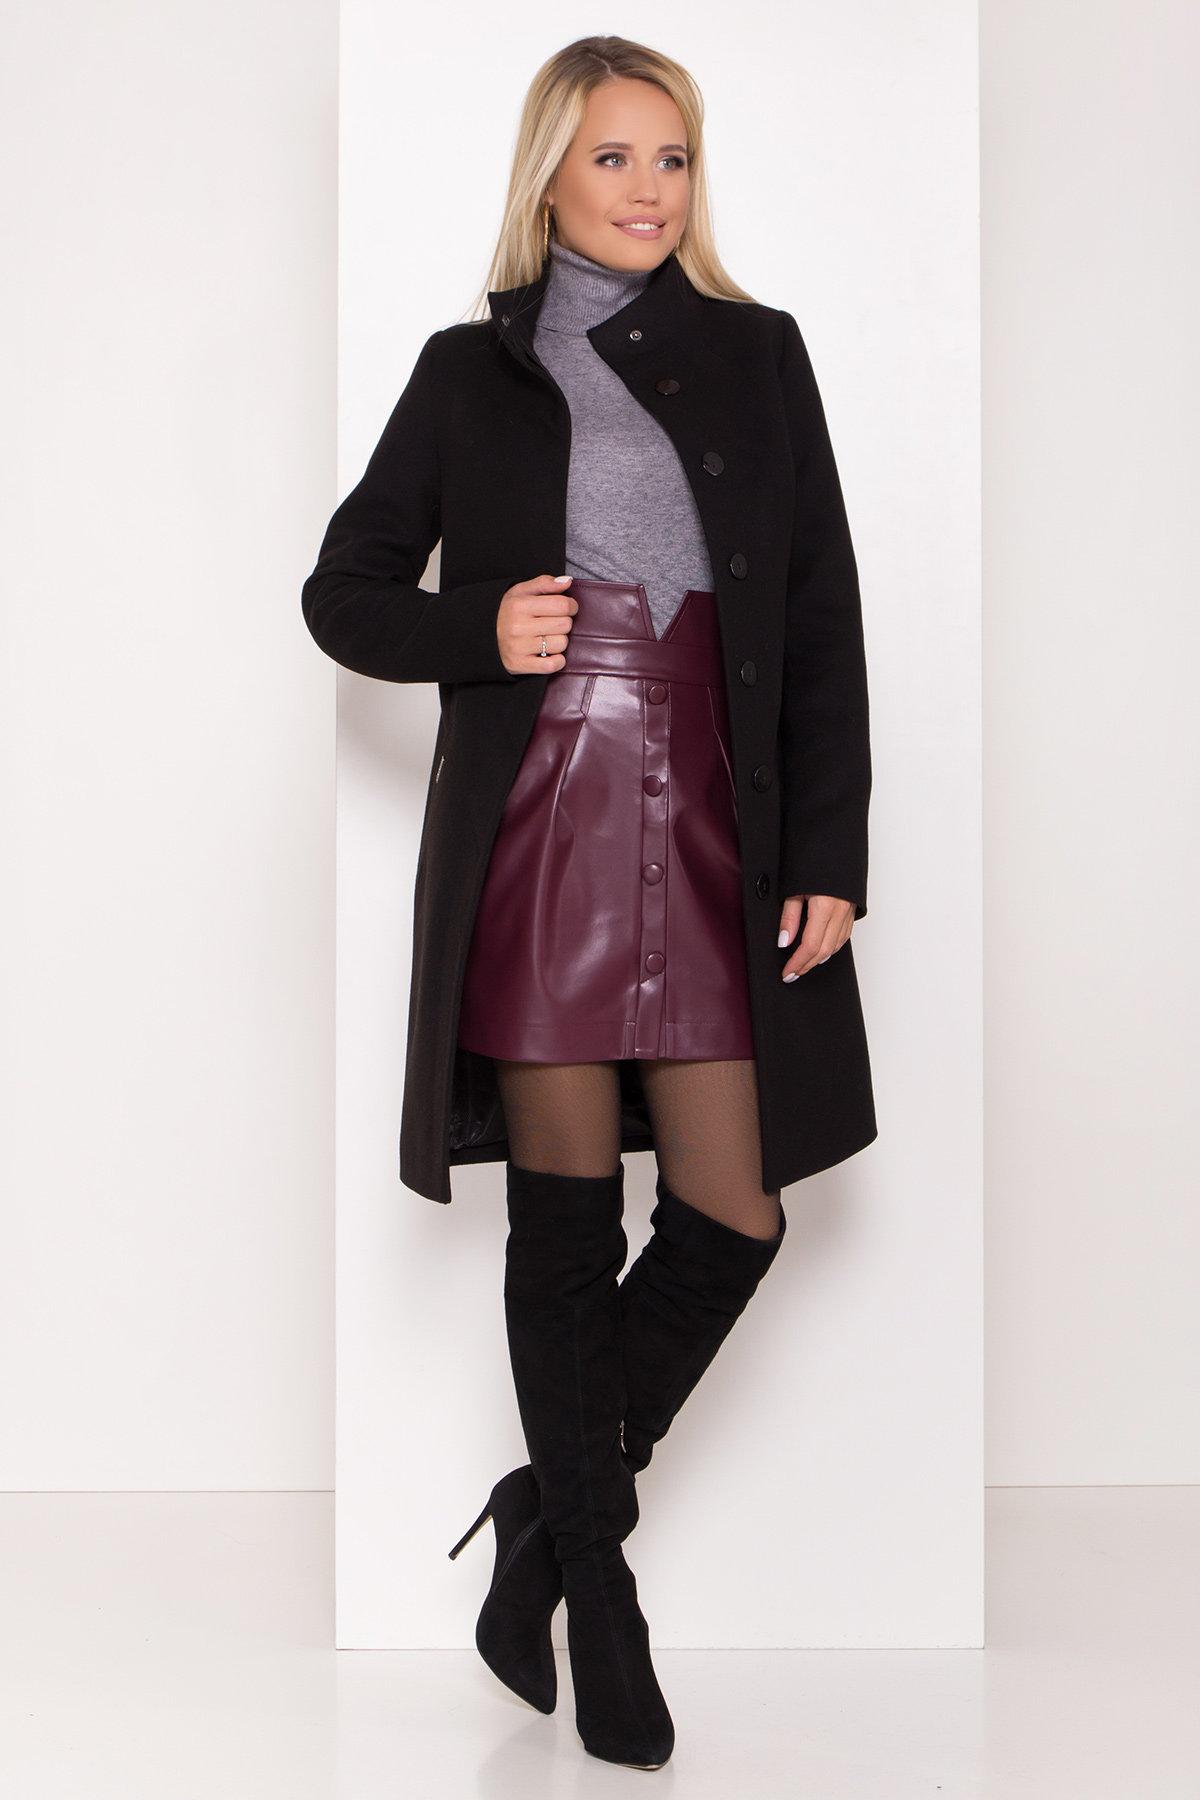 Пальто зима с хомутом Люцея 8211 АРТ. 44225 Цвет: Черный Н-1 - фото 3, интернет магазин tm-modus.ru